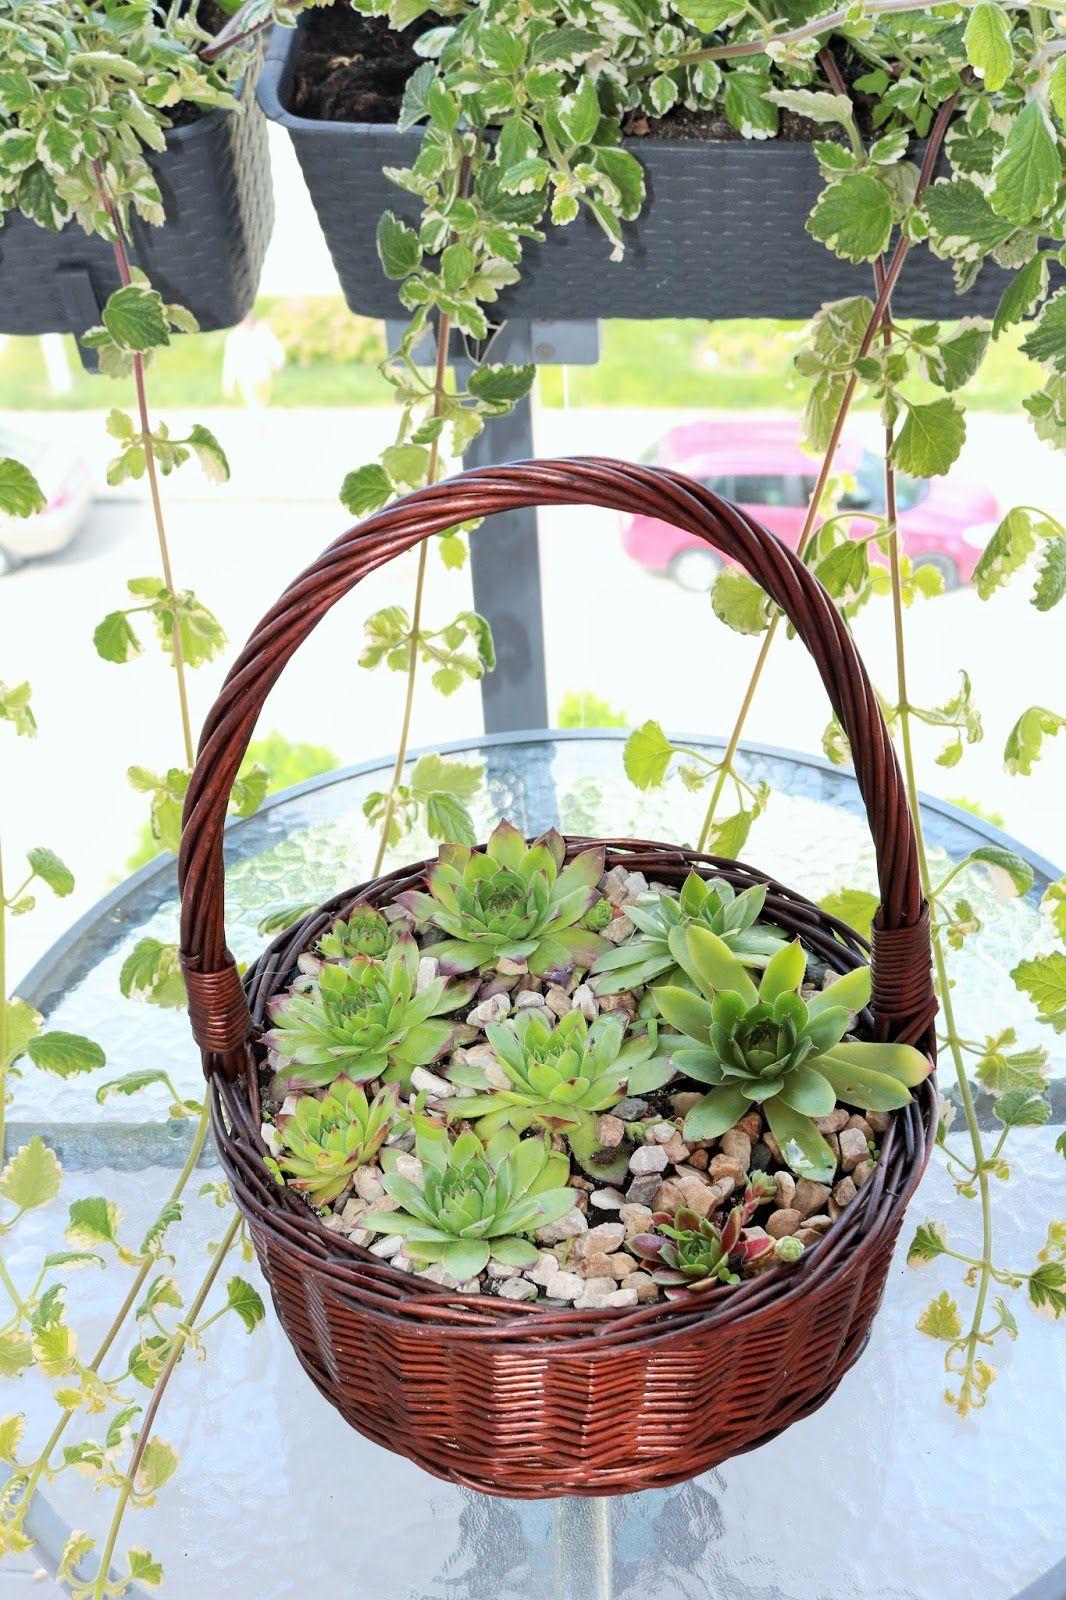 Moje Idealia Blog Lifestylowy Diy Wnetrza Ciaza I Macierzynstwo Uroda Kuchnia Skalniak W Doniczce Pomysl Na Dekoracje Slonecznego Balkonu Decorative Wicker Basket Wicker Baskets Decor